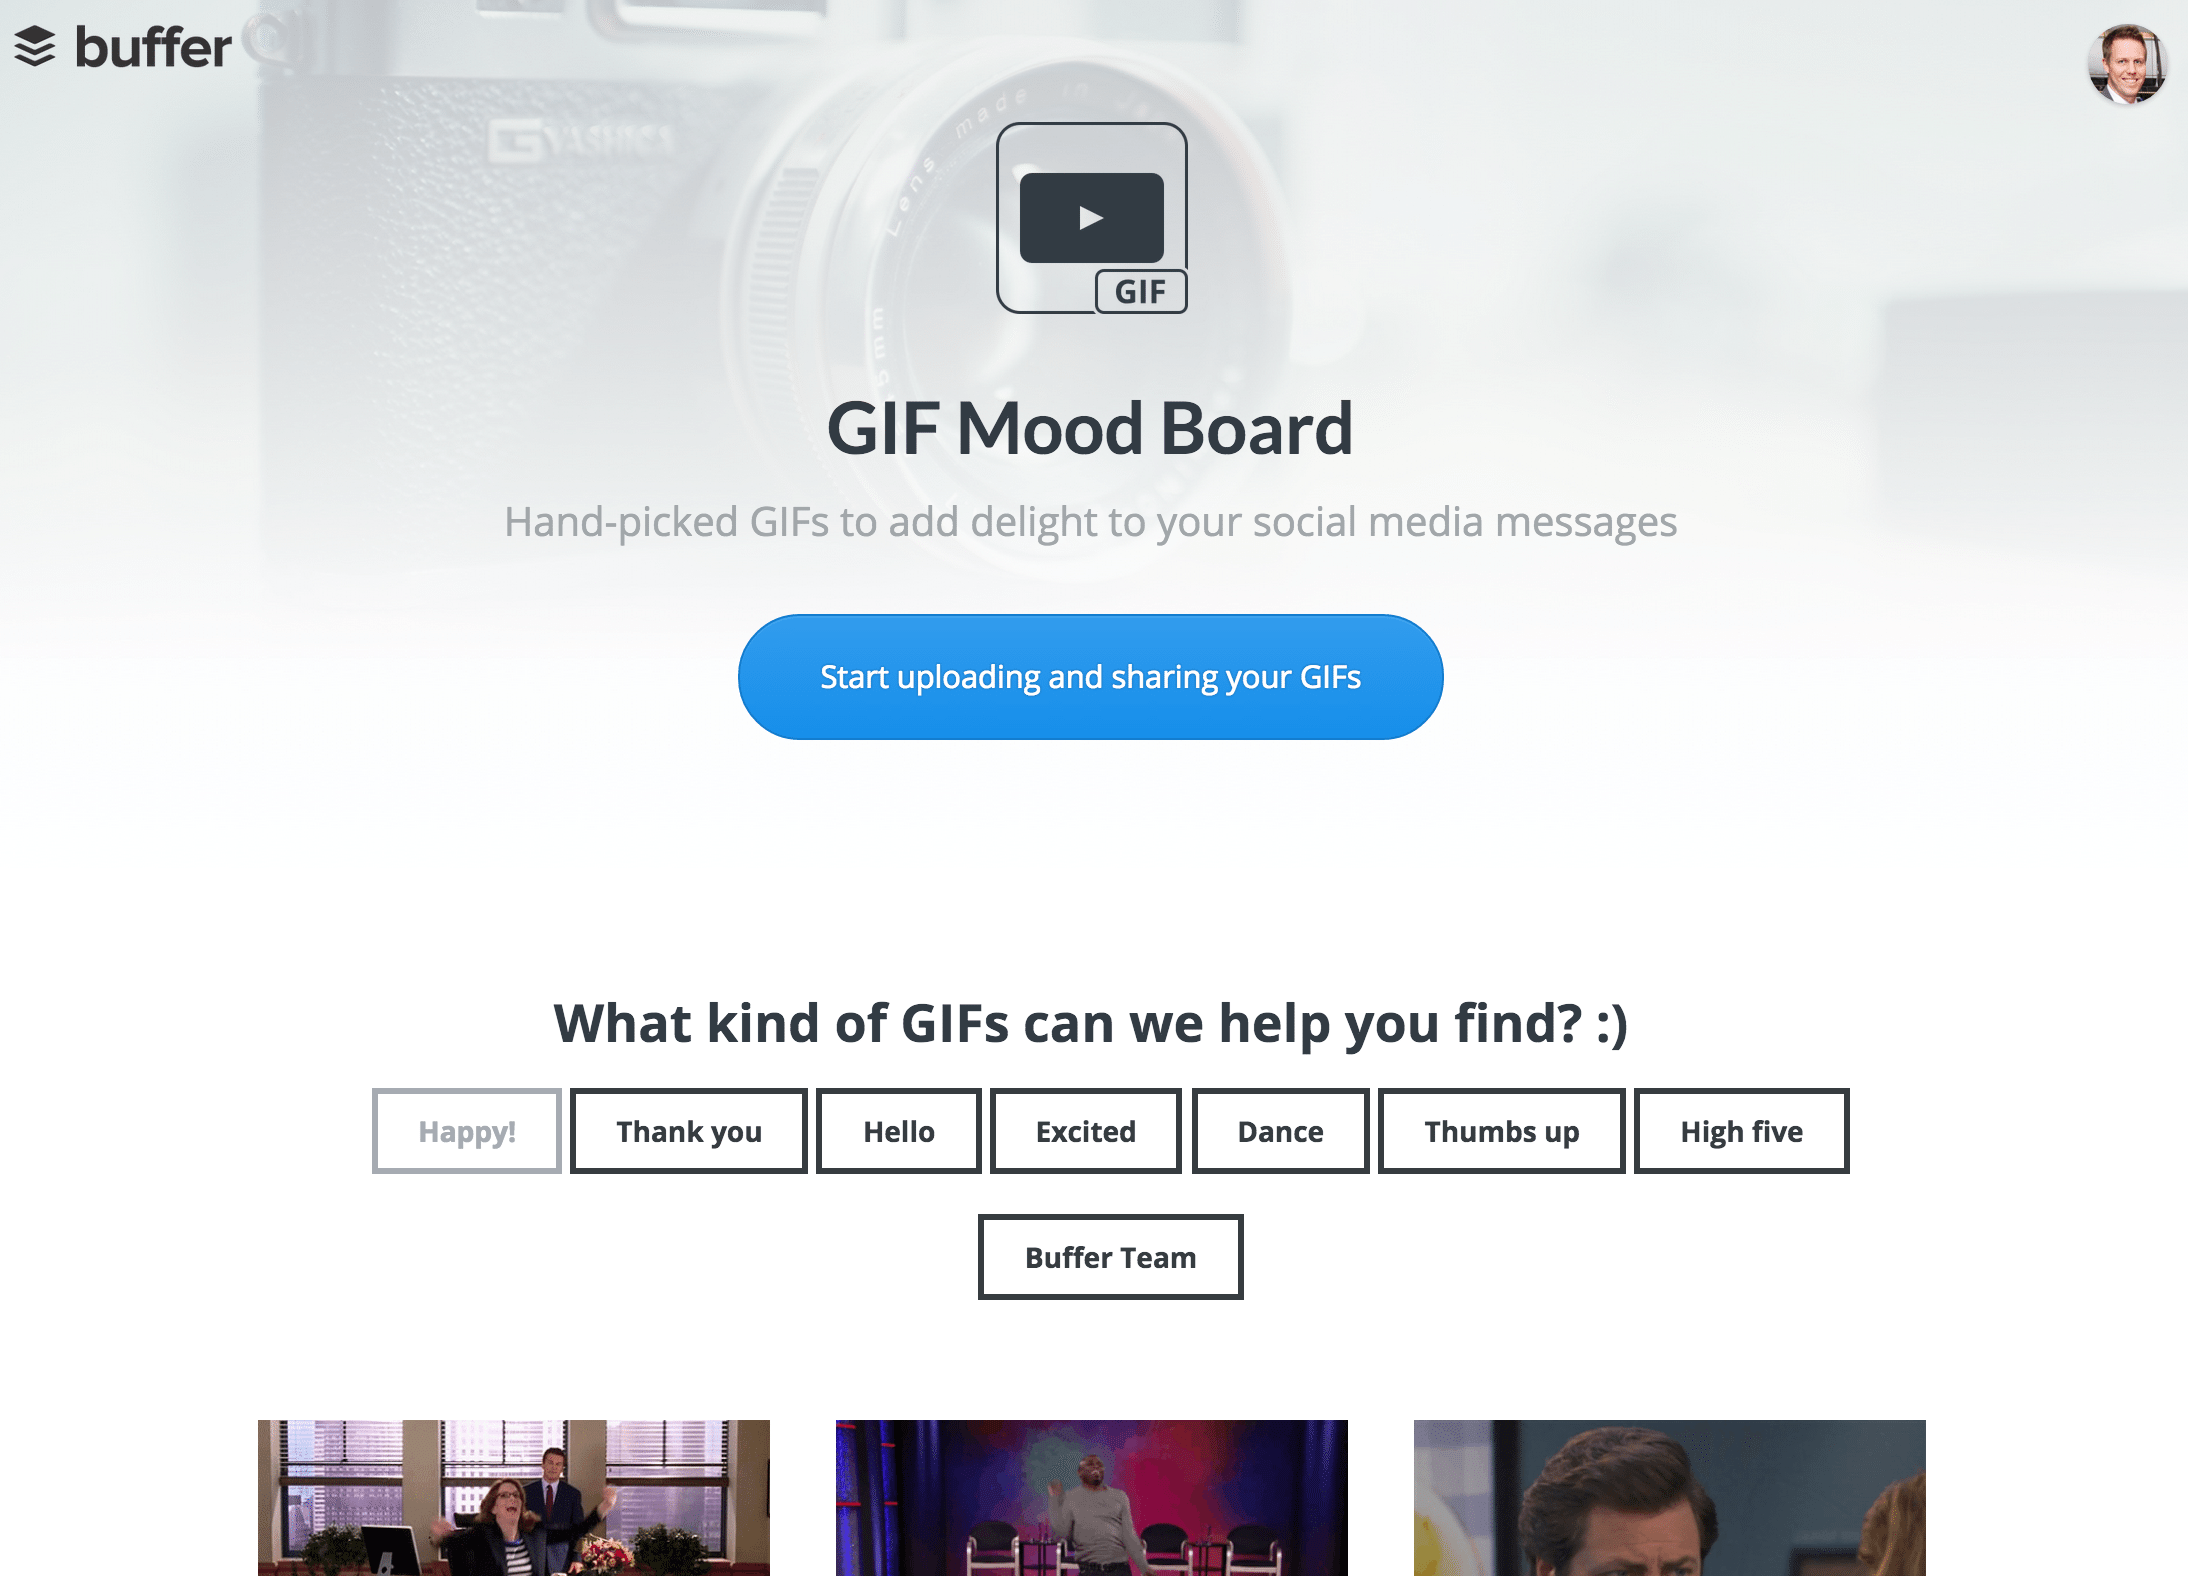 GIF mood board